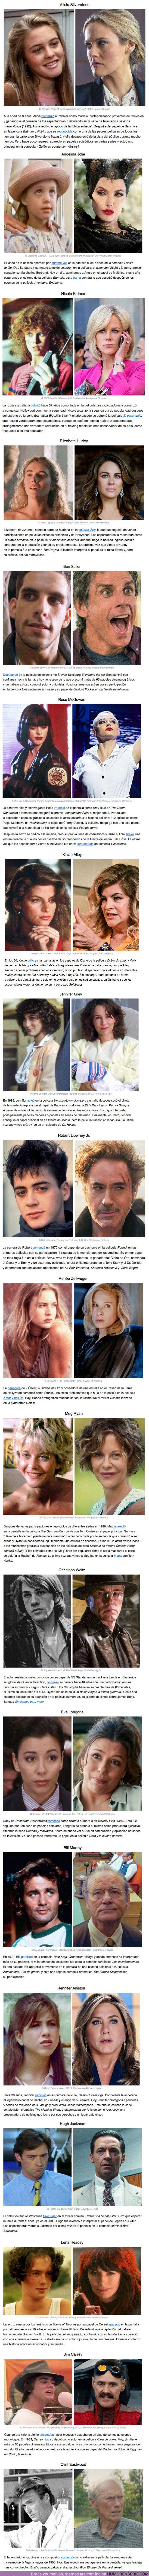 57007 - GALERÍA: 19 Ejemplos de cómo han cambiado las estrellas de cine desde su primer papel